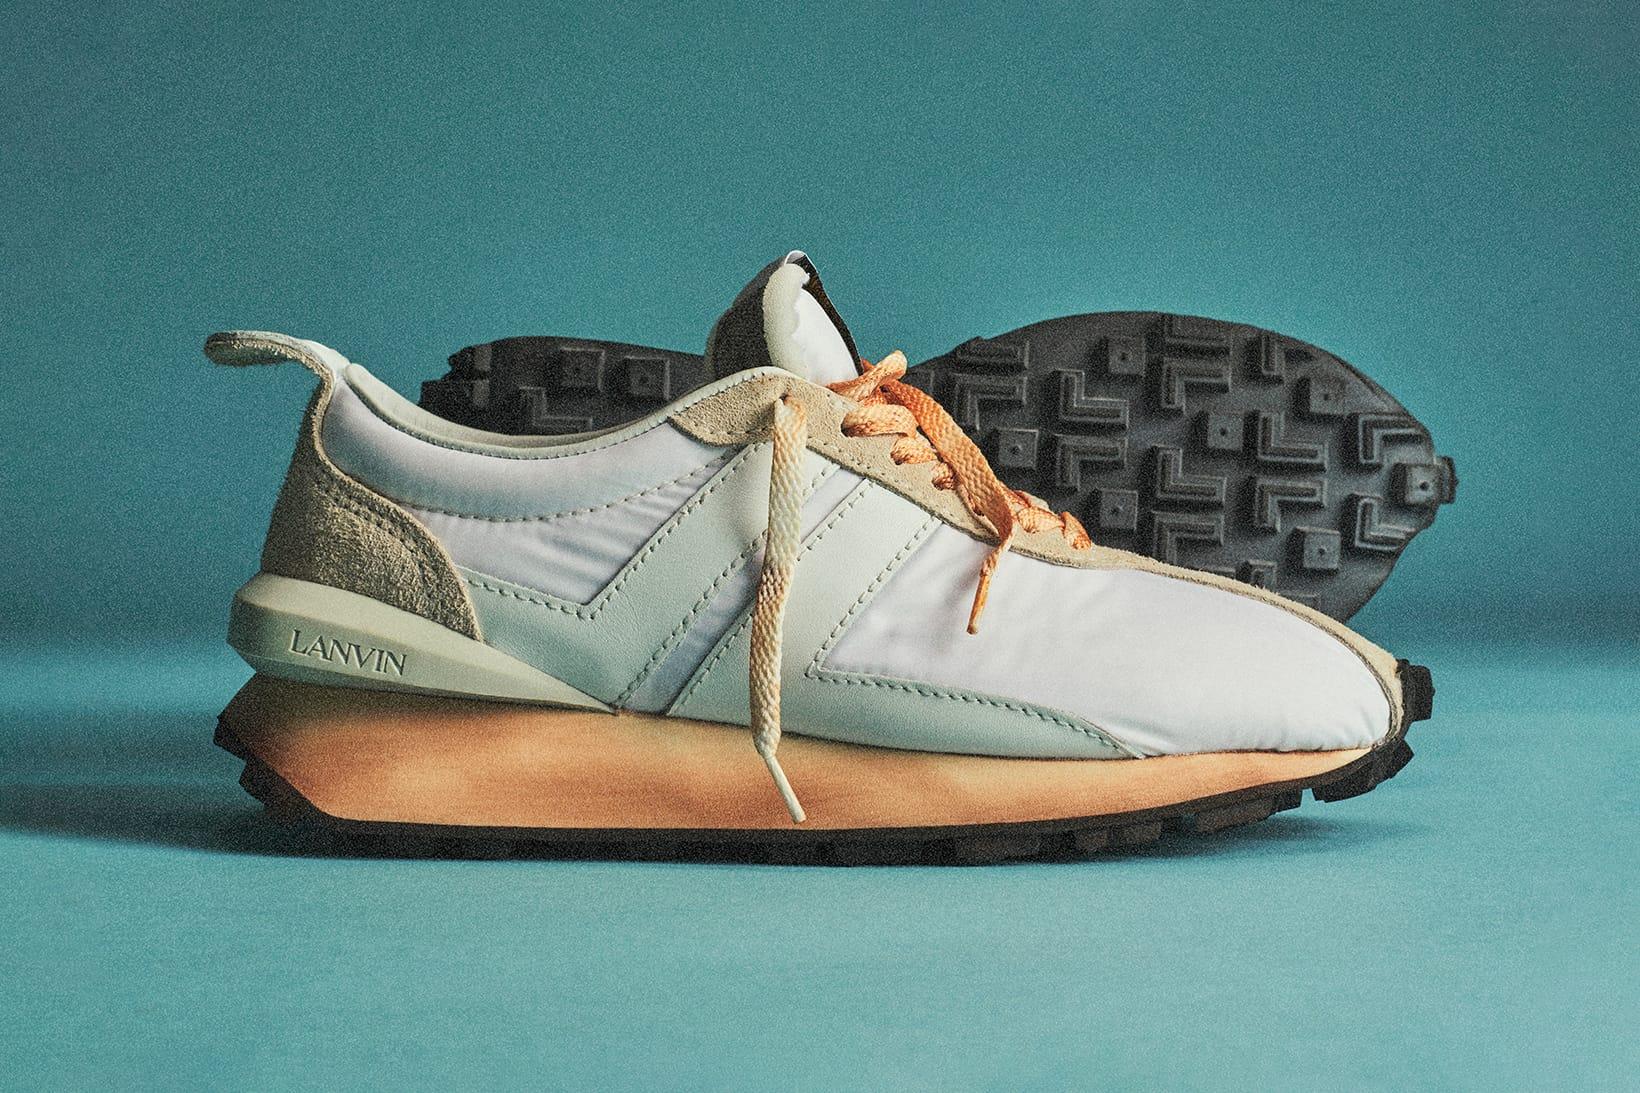 Lanvin's SS20 Bumper Sneaker Release